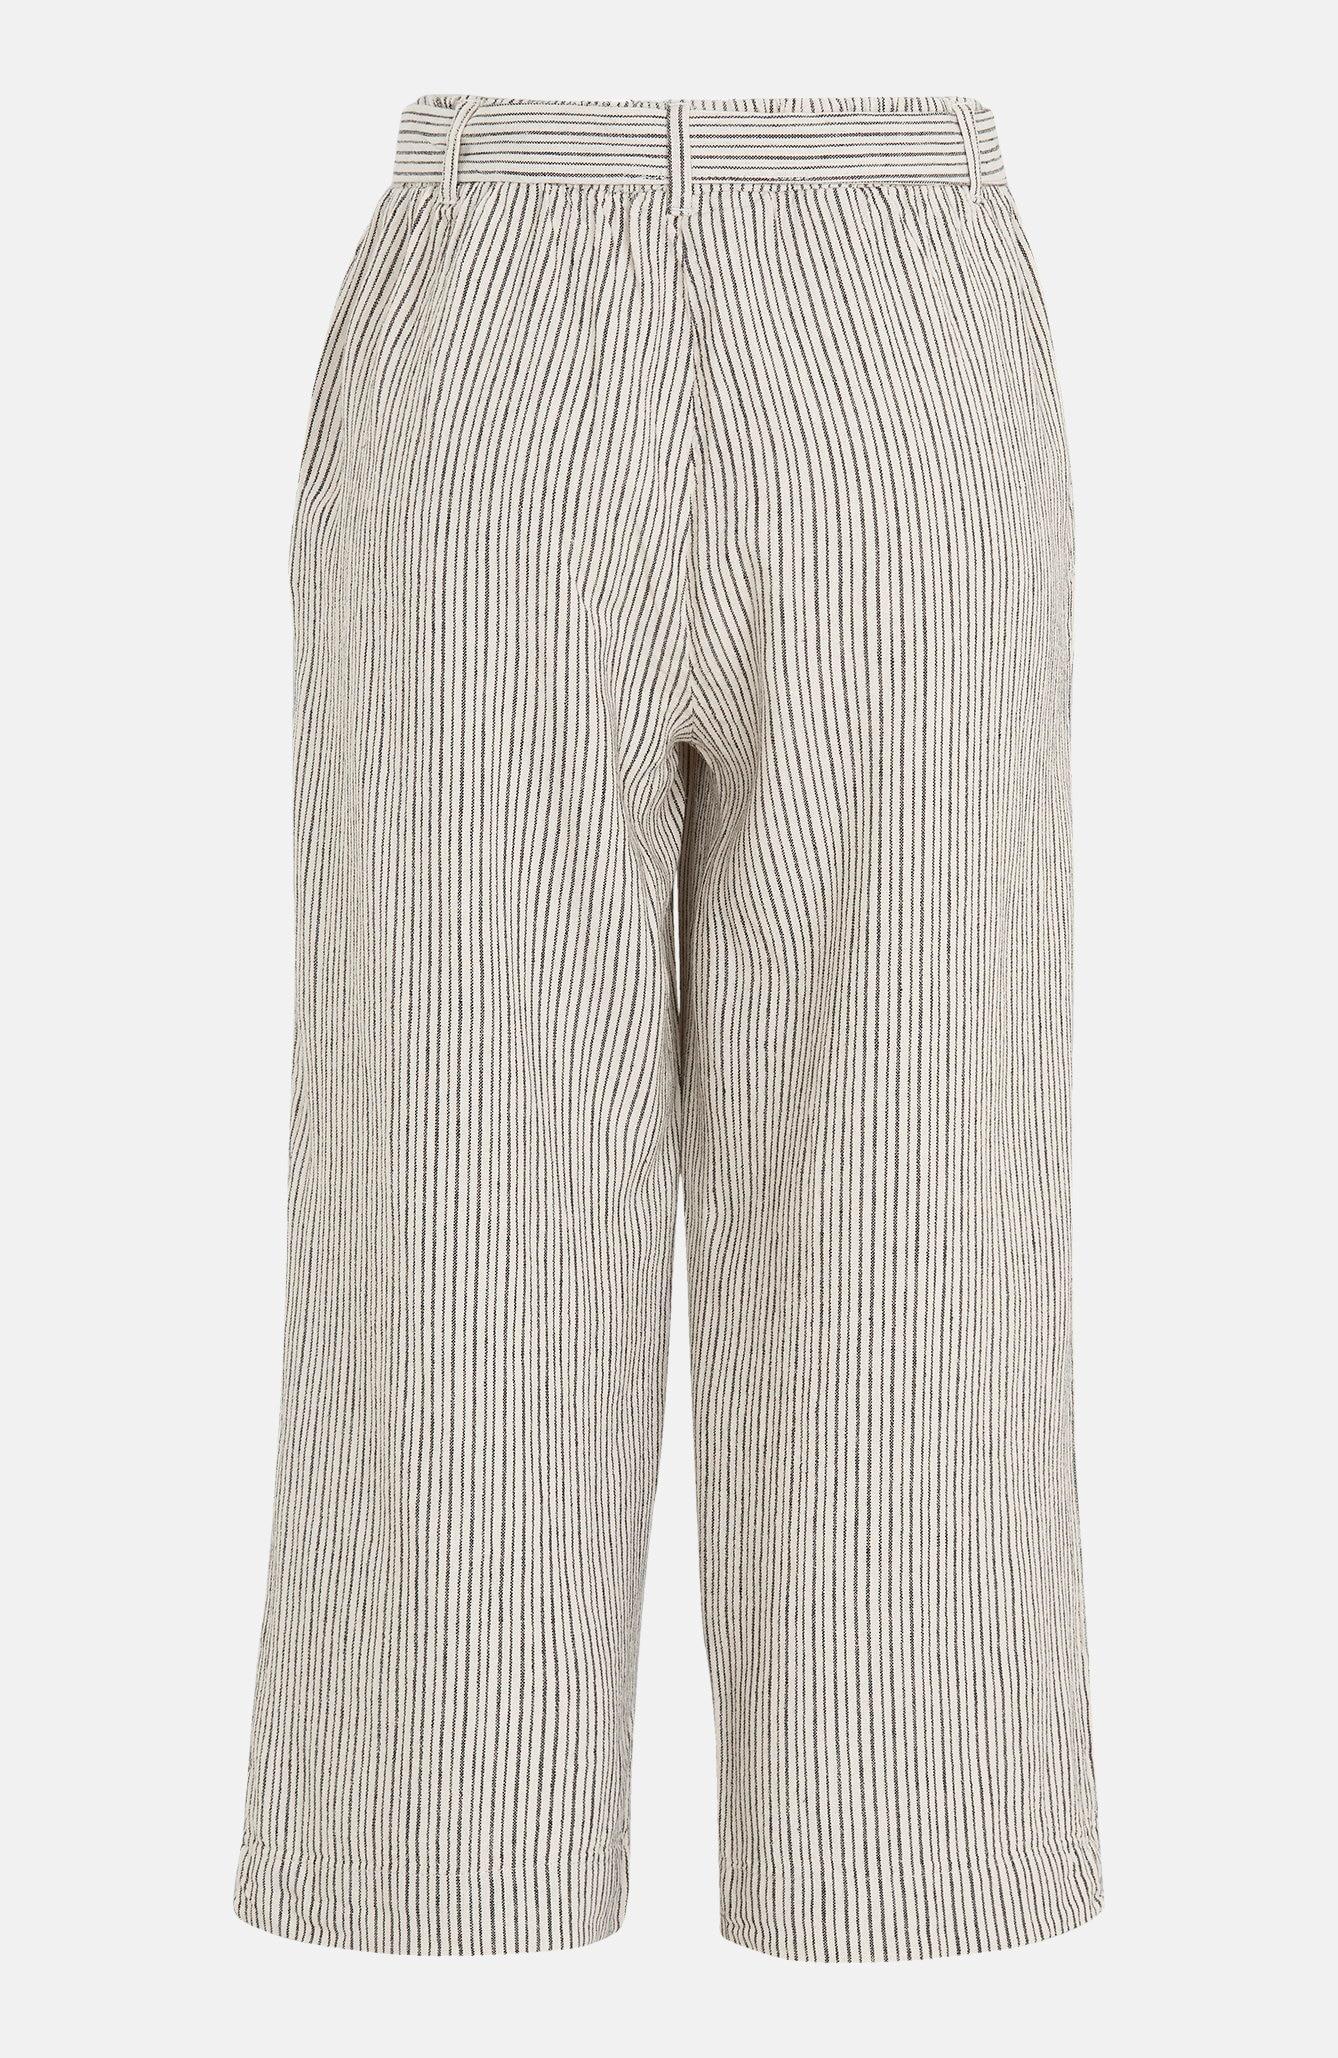 Spodnie do kostki zmieszanki lnu Lavara